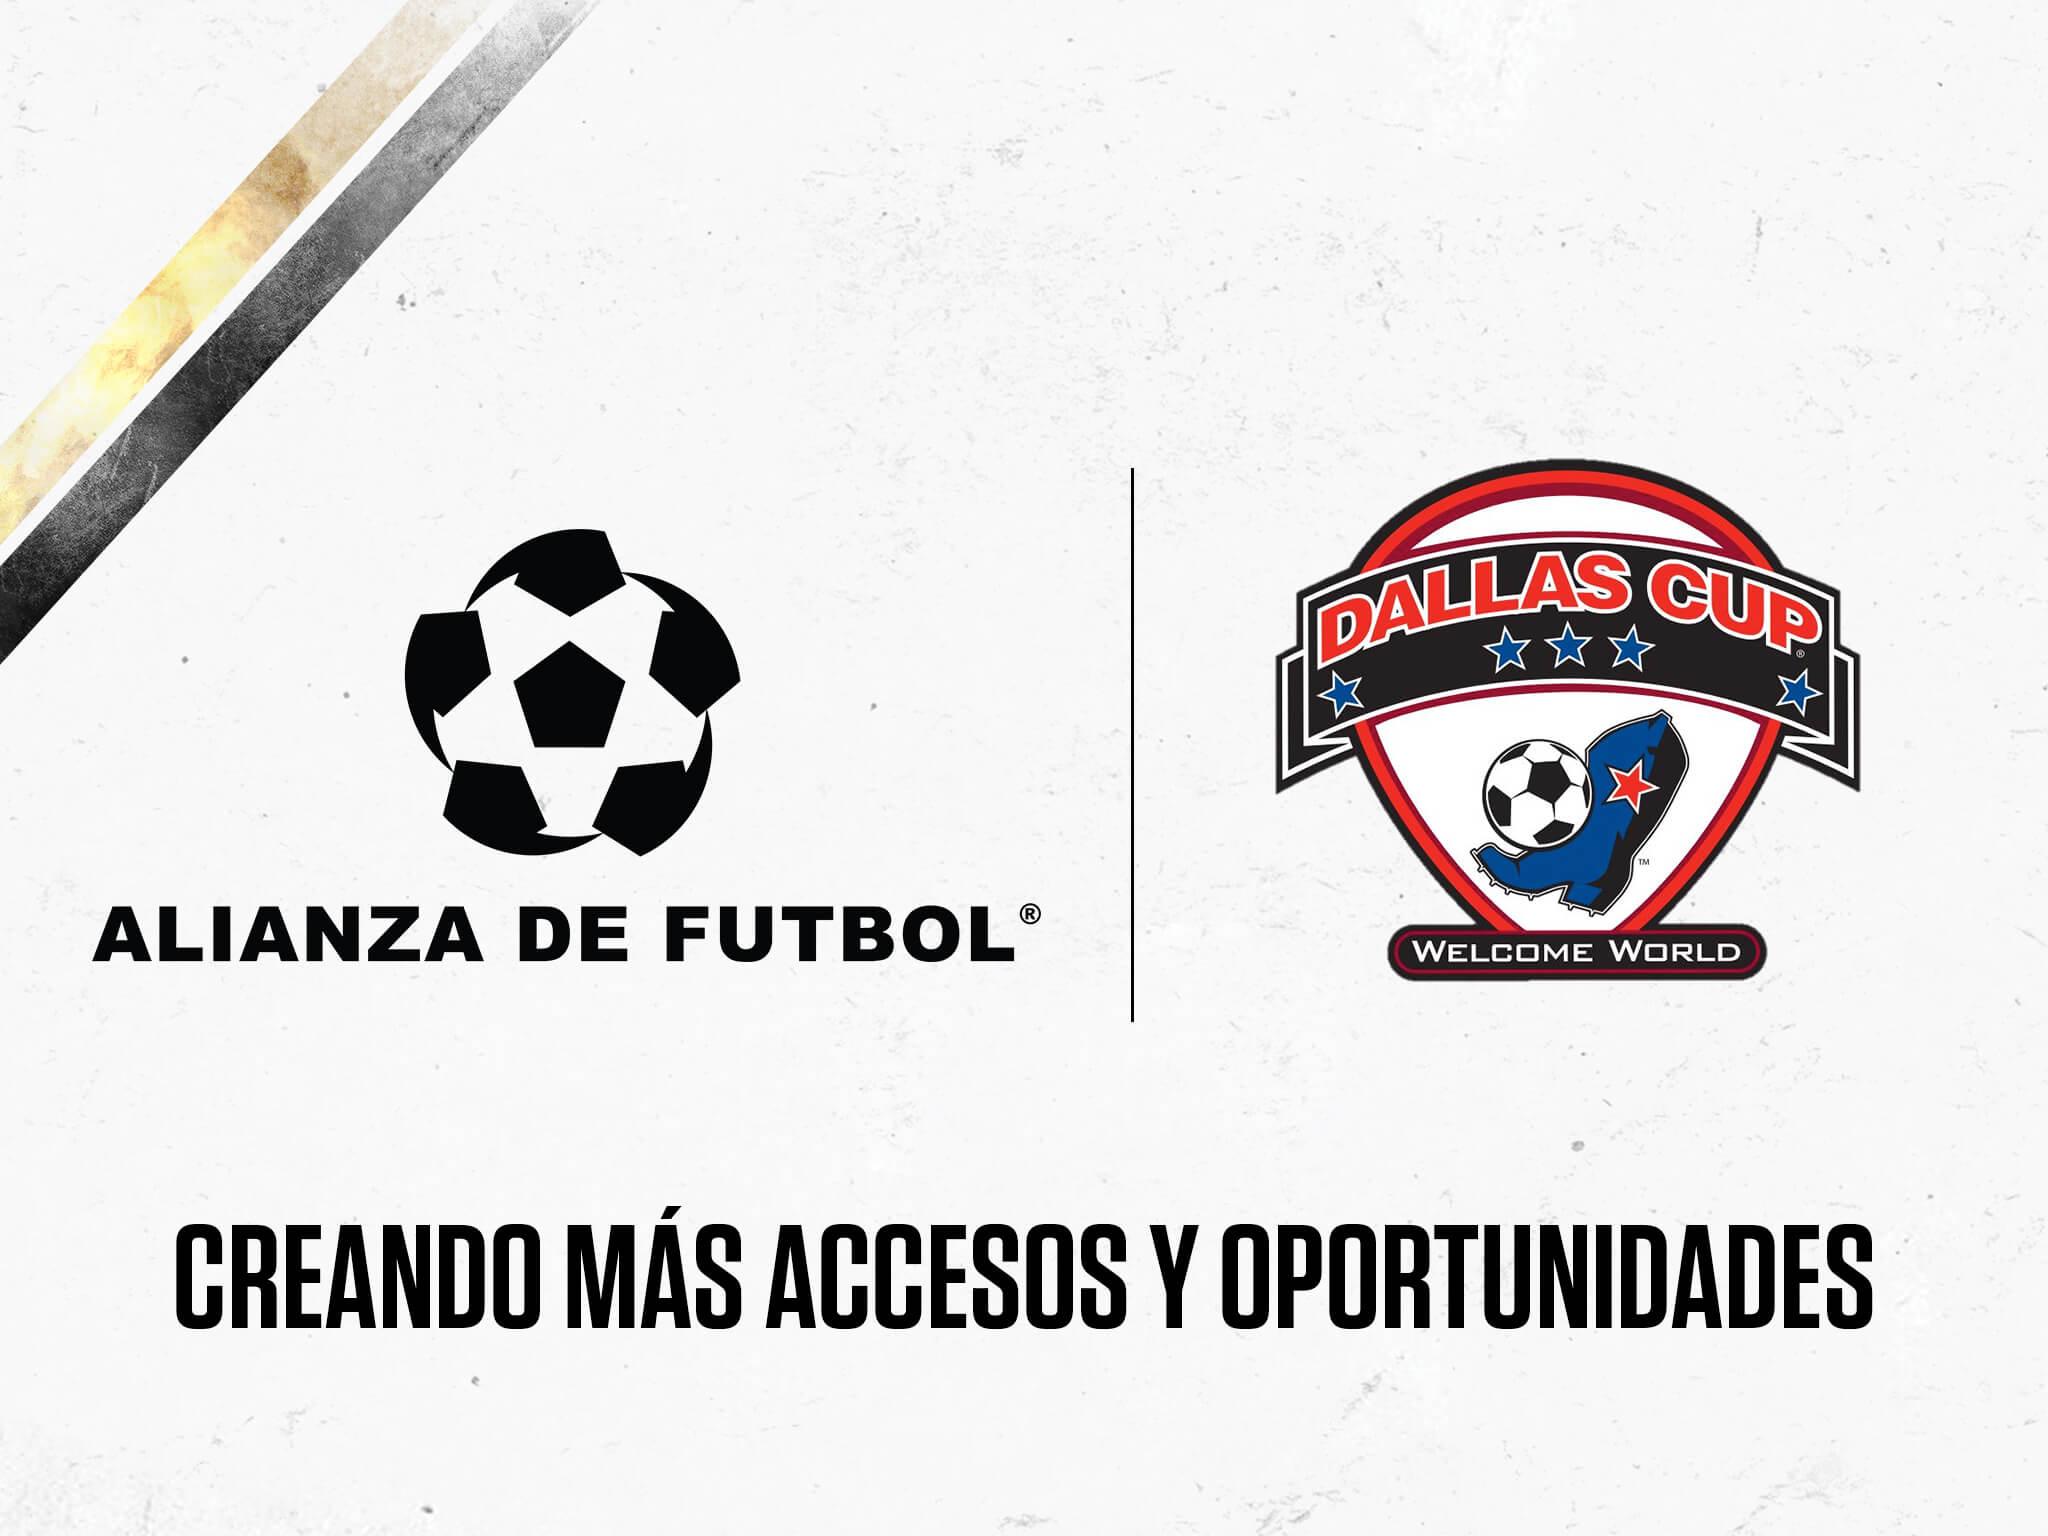 Alianza de Futbol y Dallas Cup firman acuerdo de colaboración